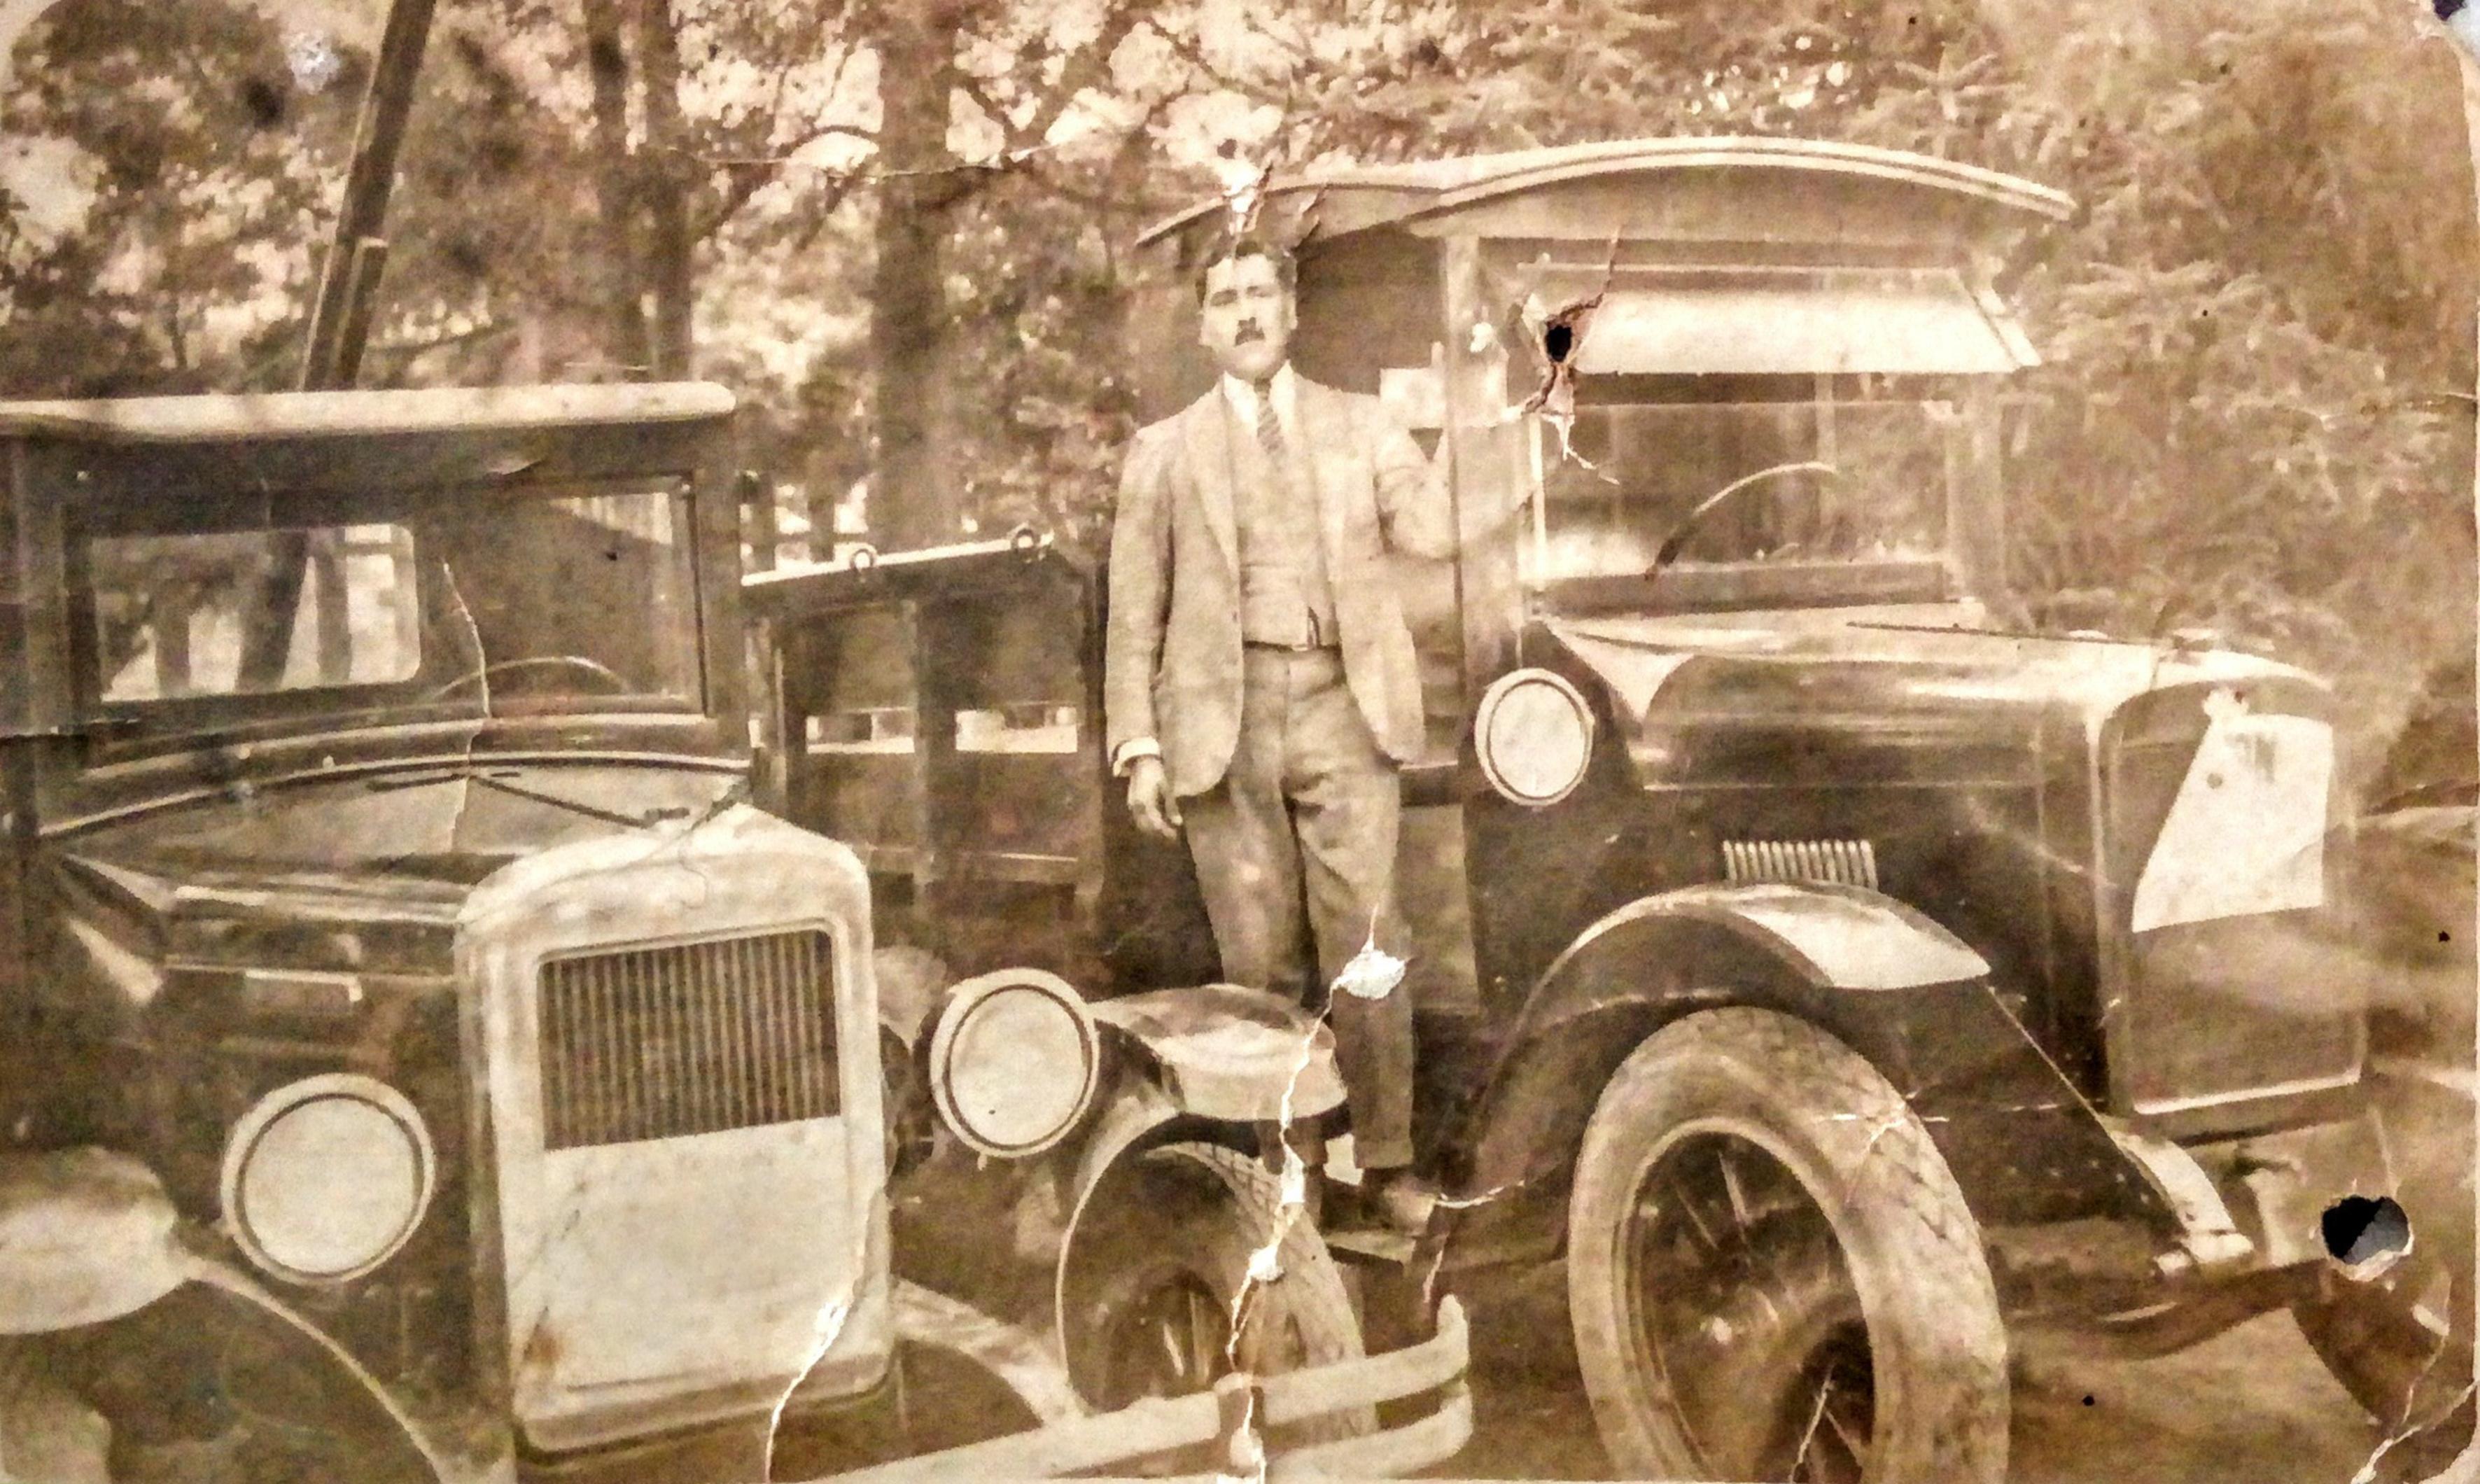 Enterreno - Fotos históricas de chile - fotos antiguas de Chile - Hombre entre automóviles, 1917